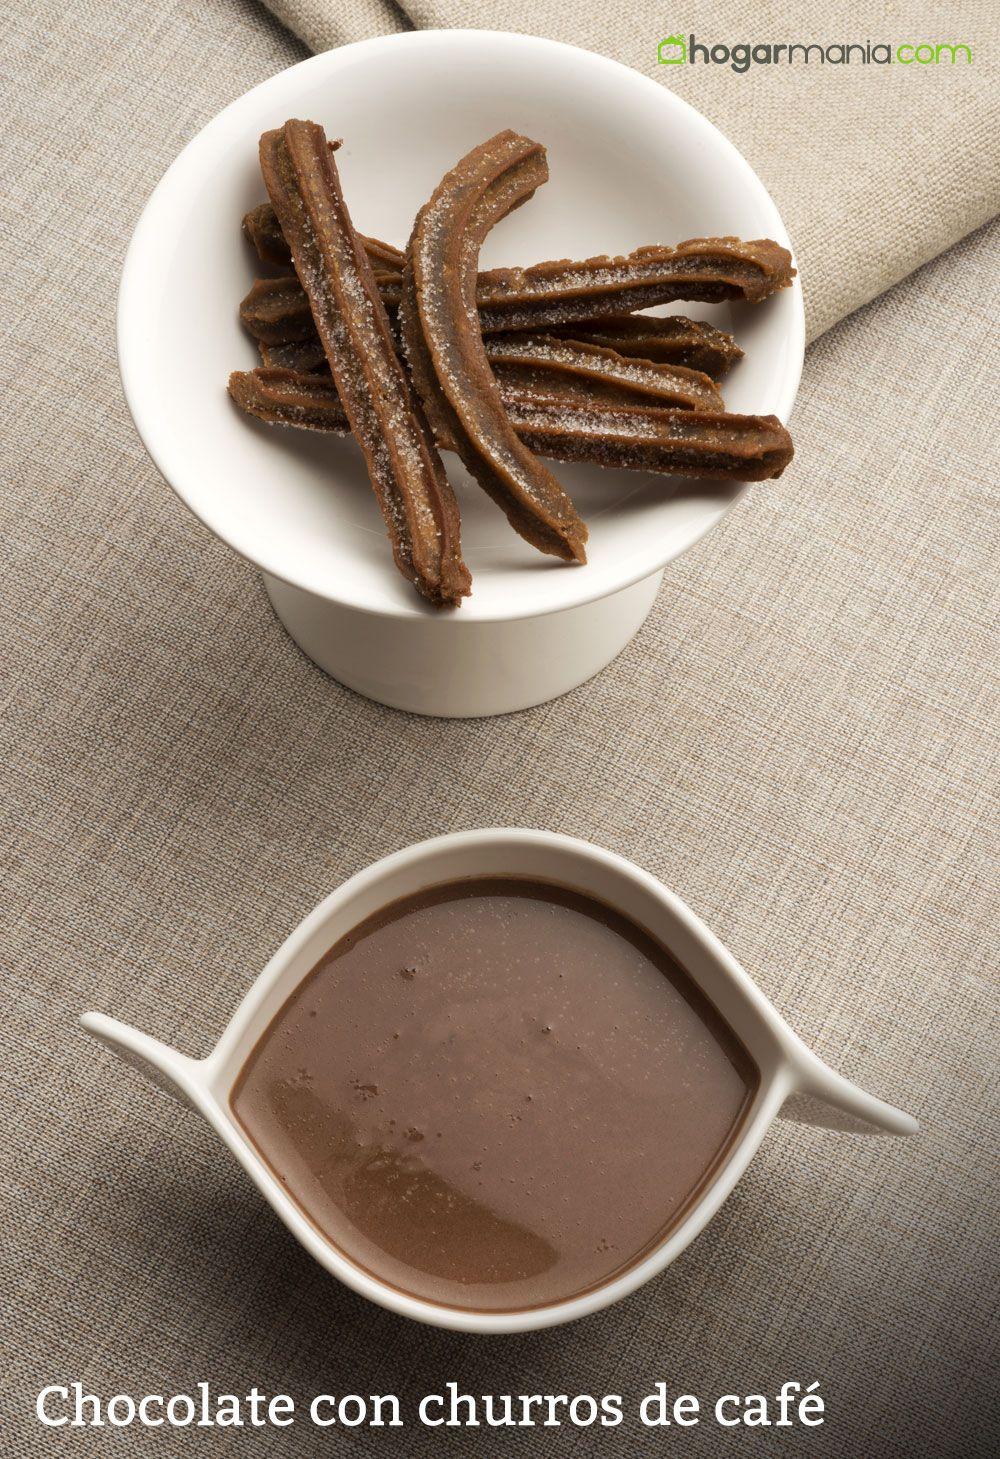 Chocolate con churros de café